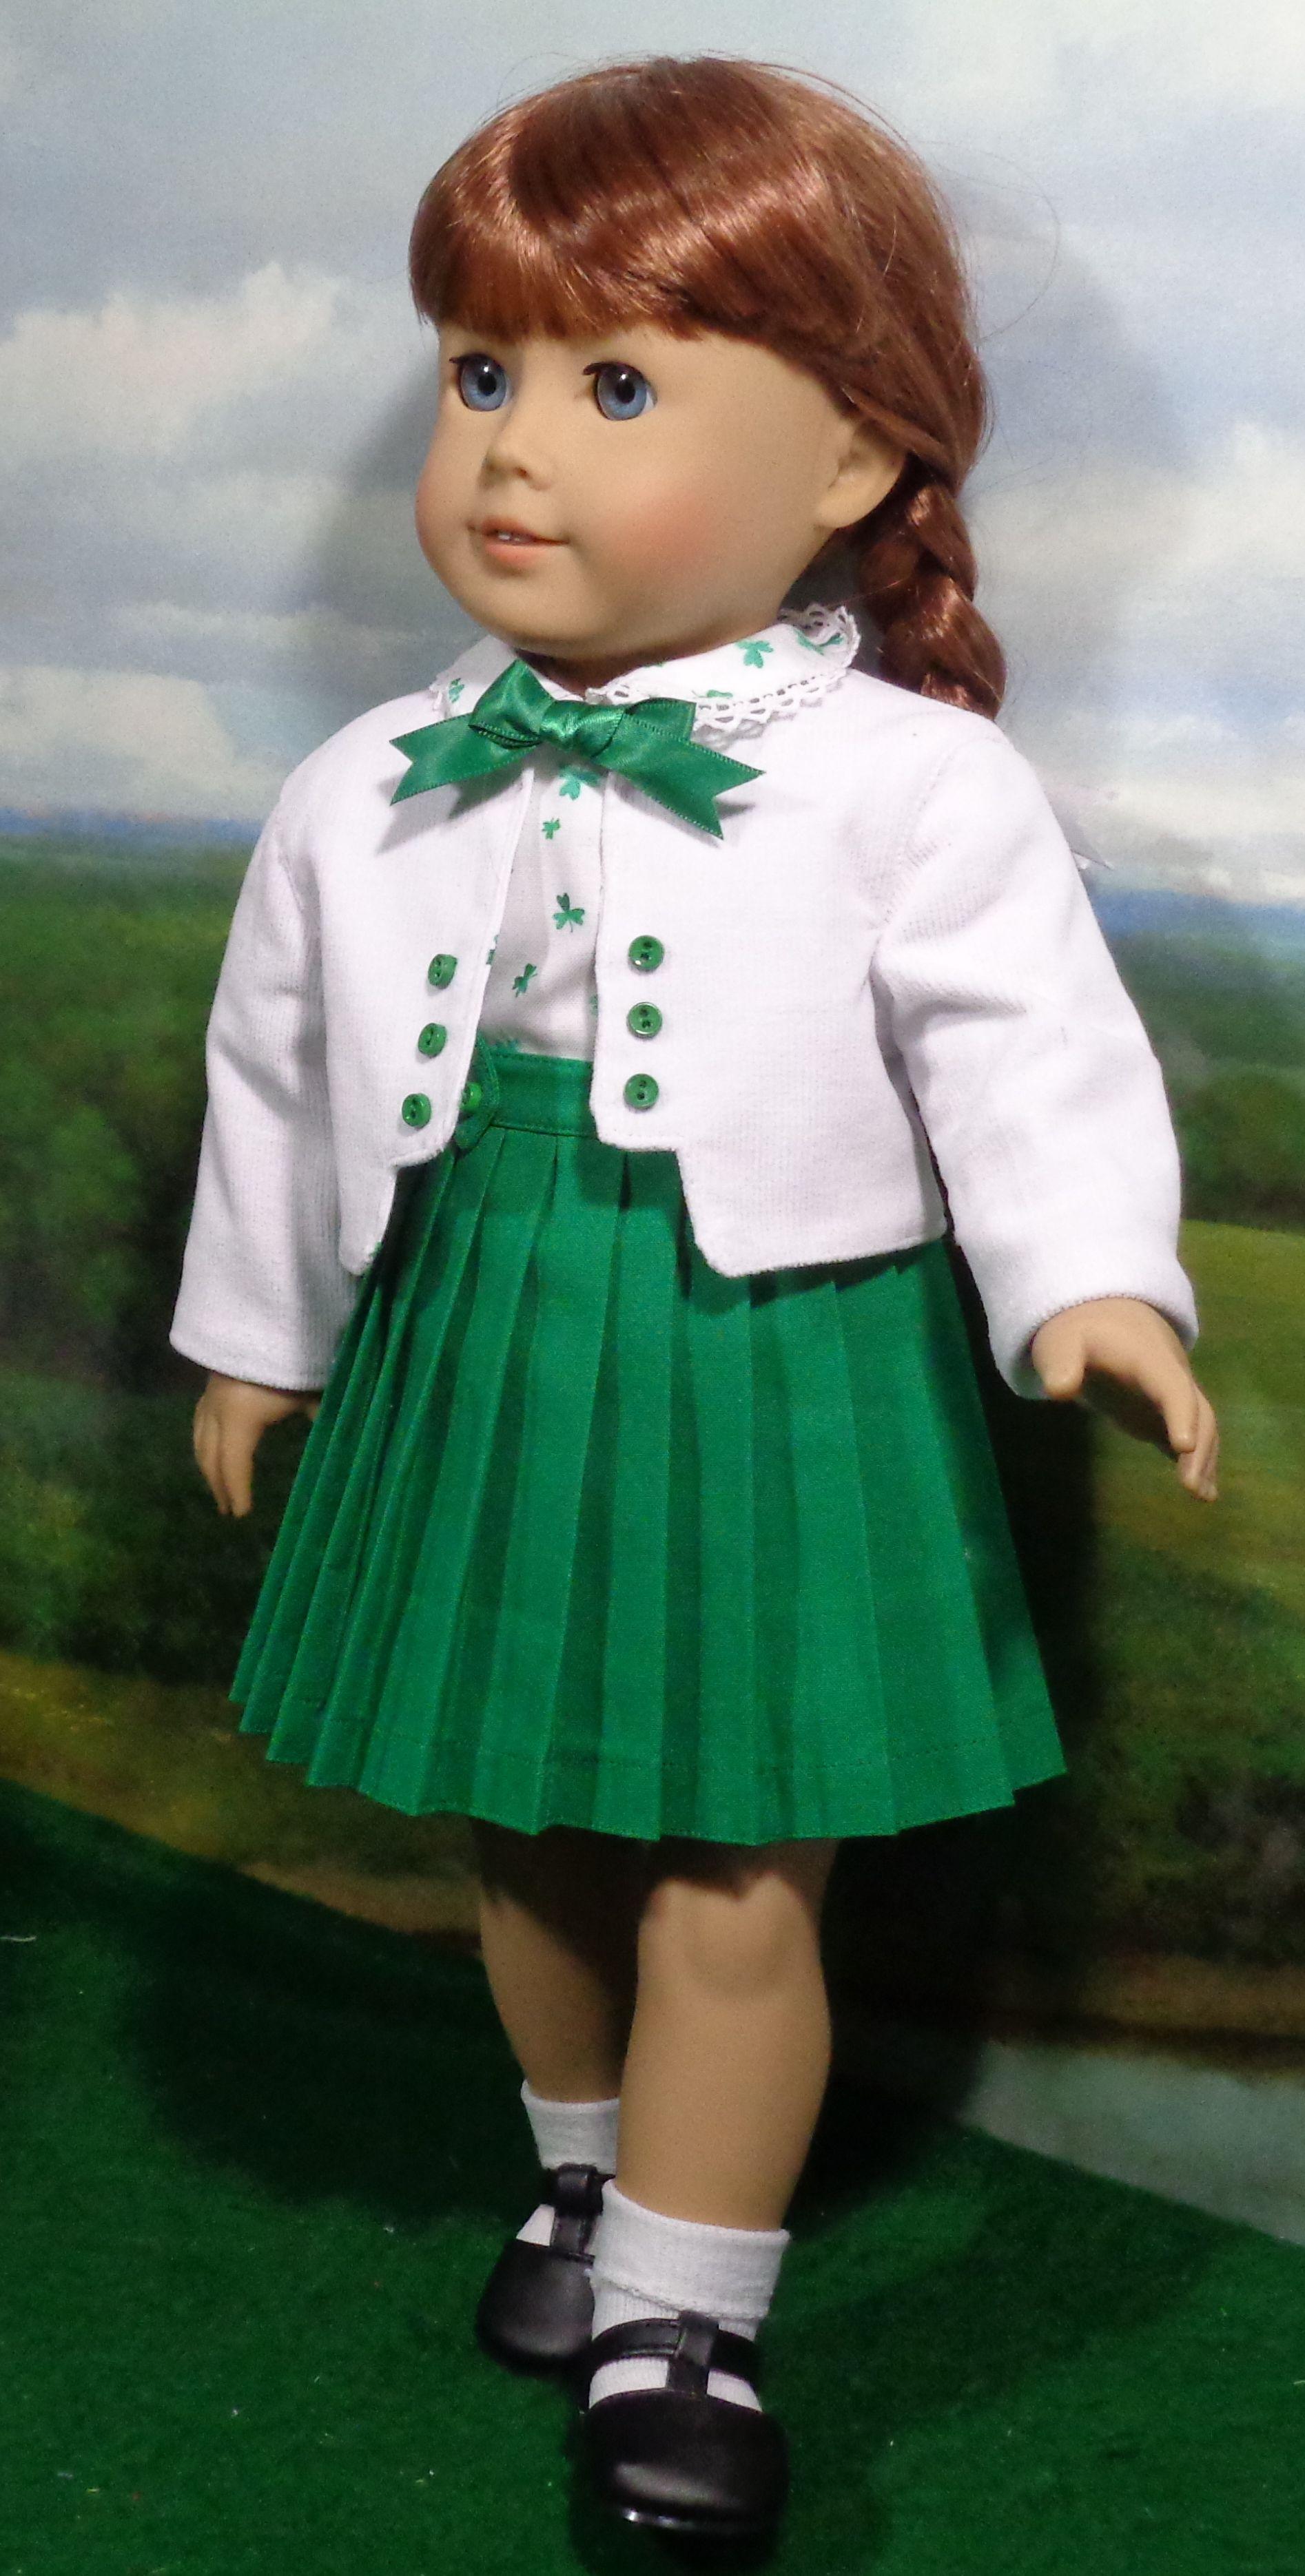 Pin von Marjorieannkramer auf Doll clothes | Pinterest | Geschenk